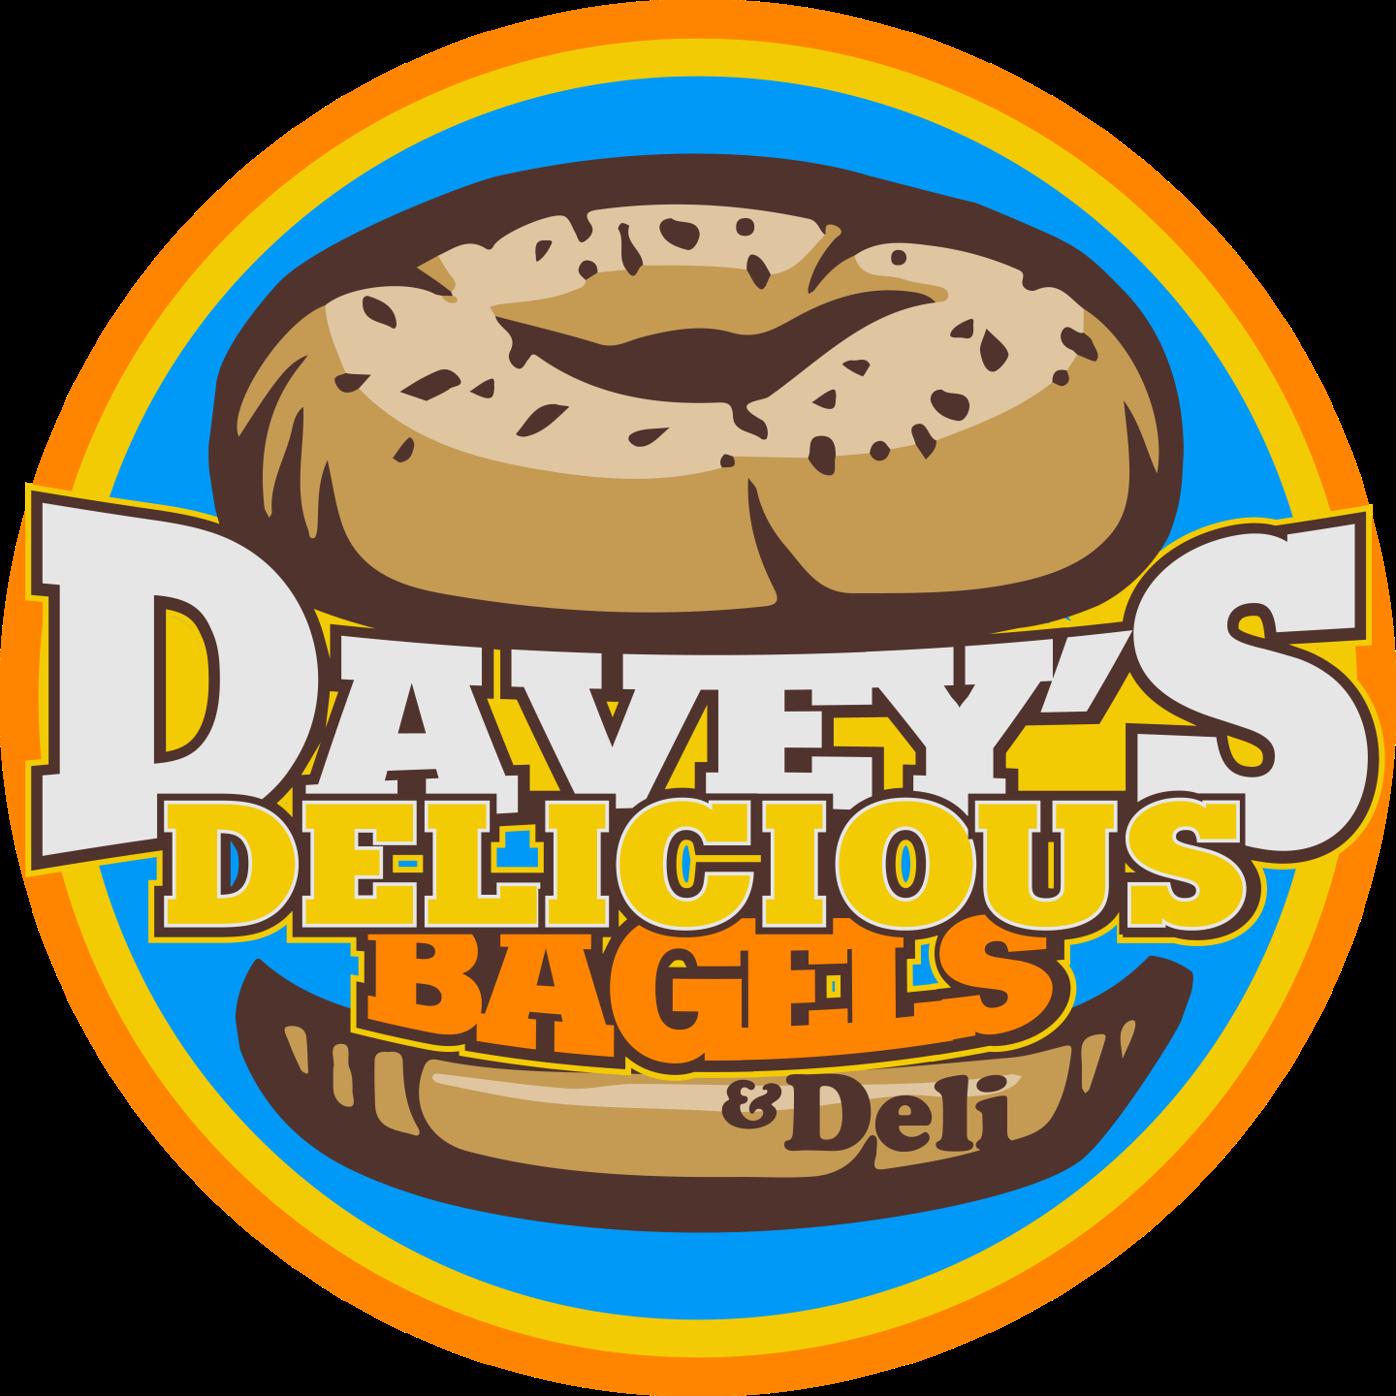 Davey's Delicious Bagels Deli's logo